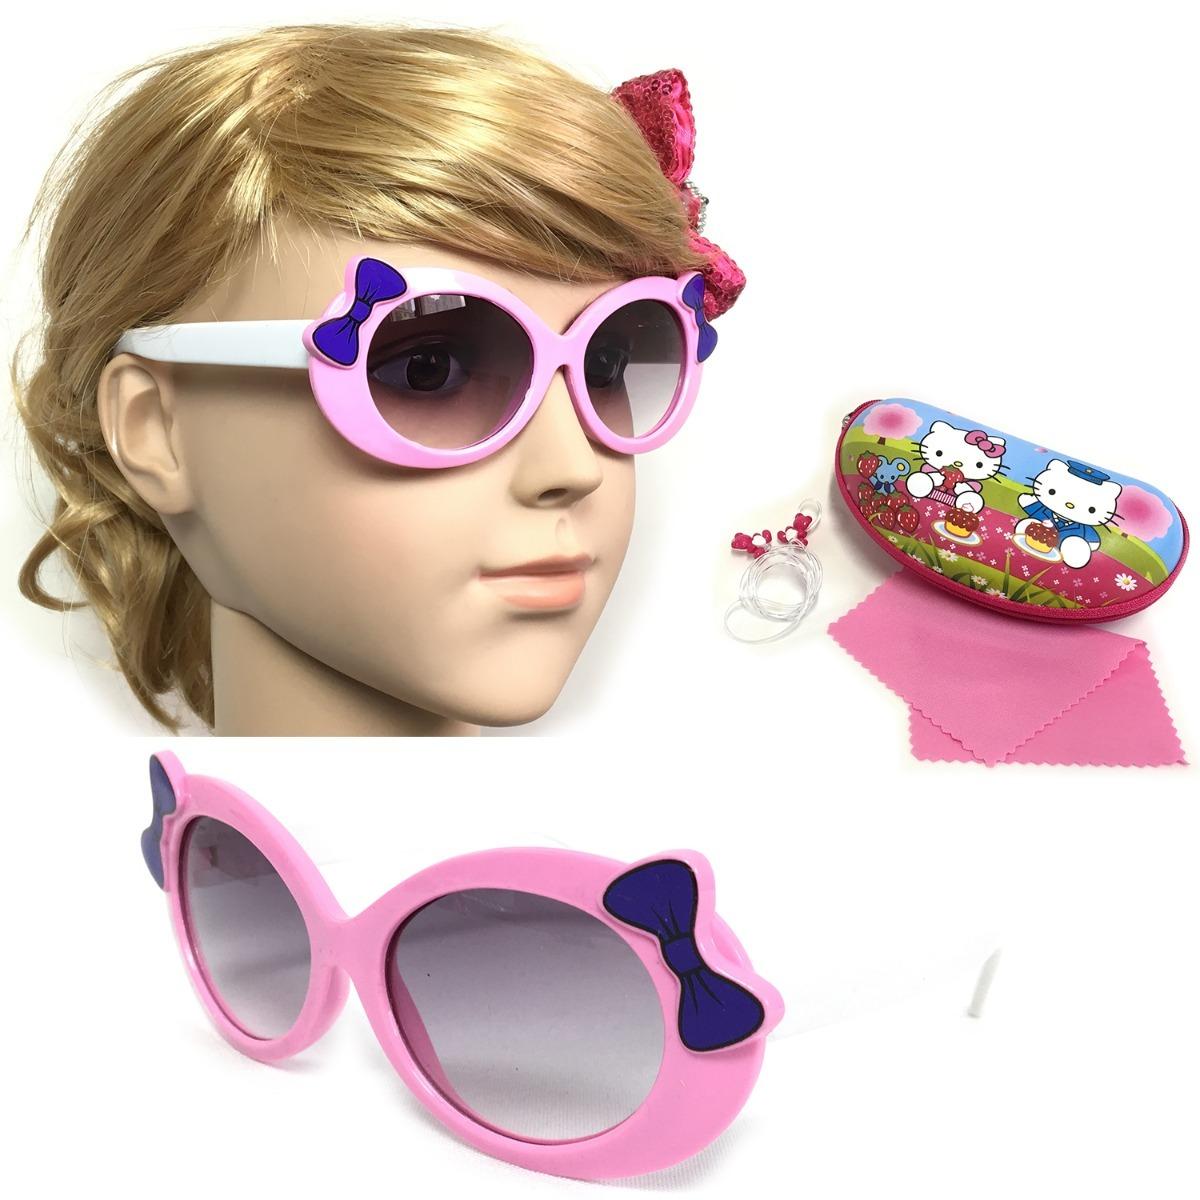 óculos de sol infantil plastico silicone menina lm006 uv400. Carregando  zoom. 9461113905